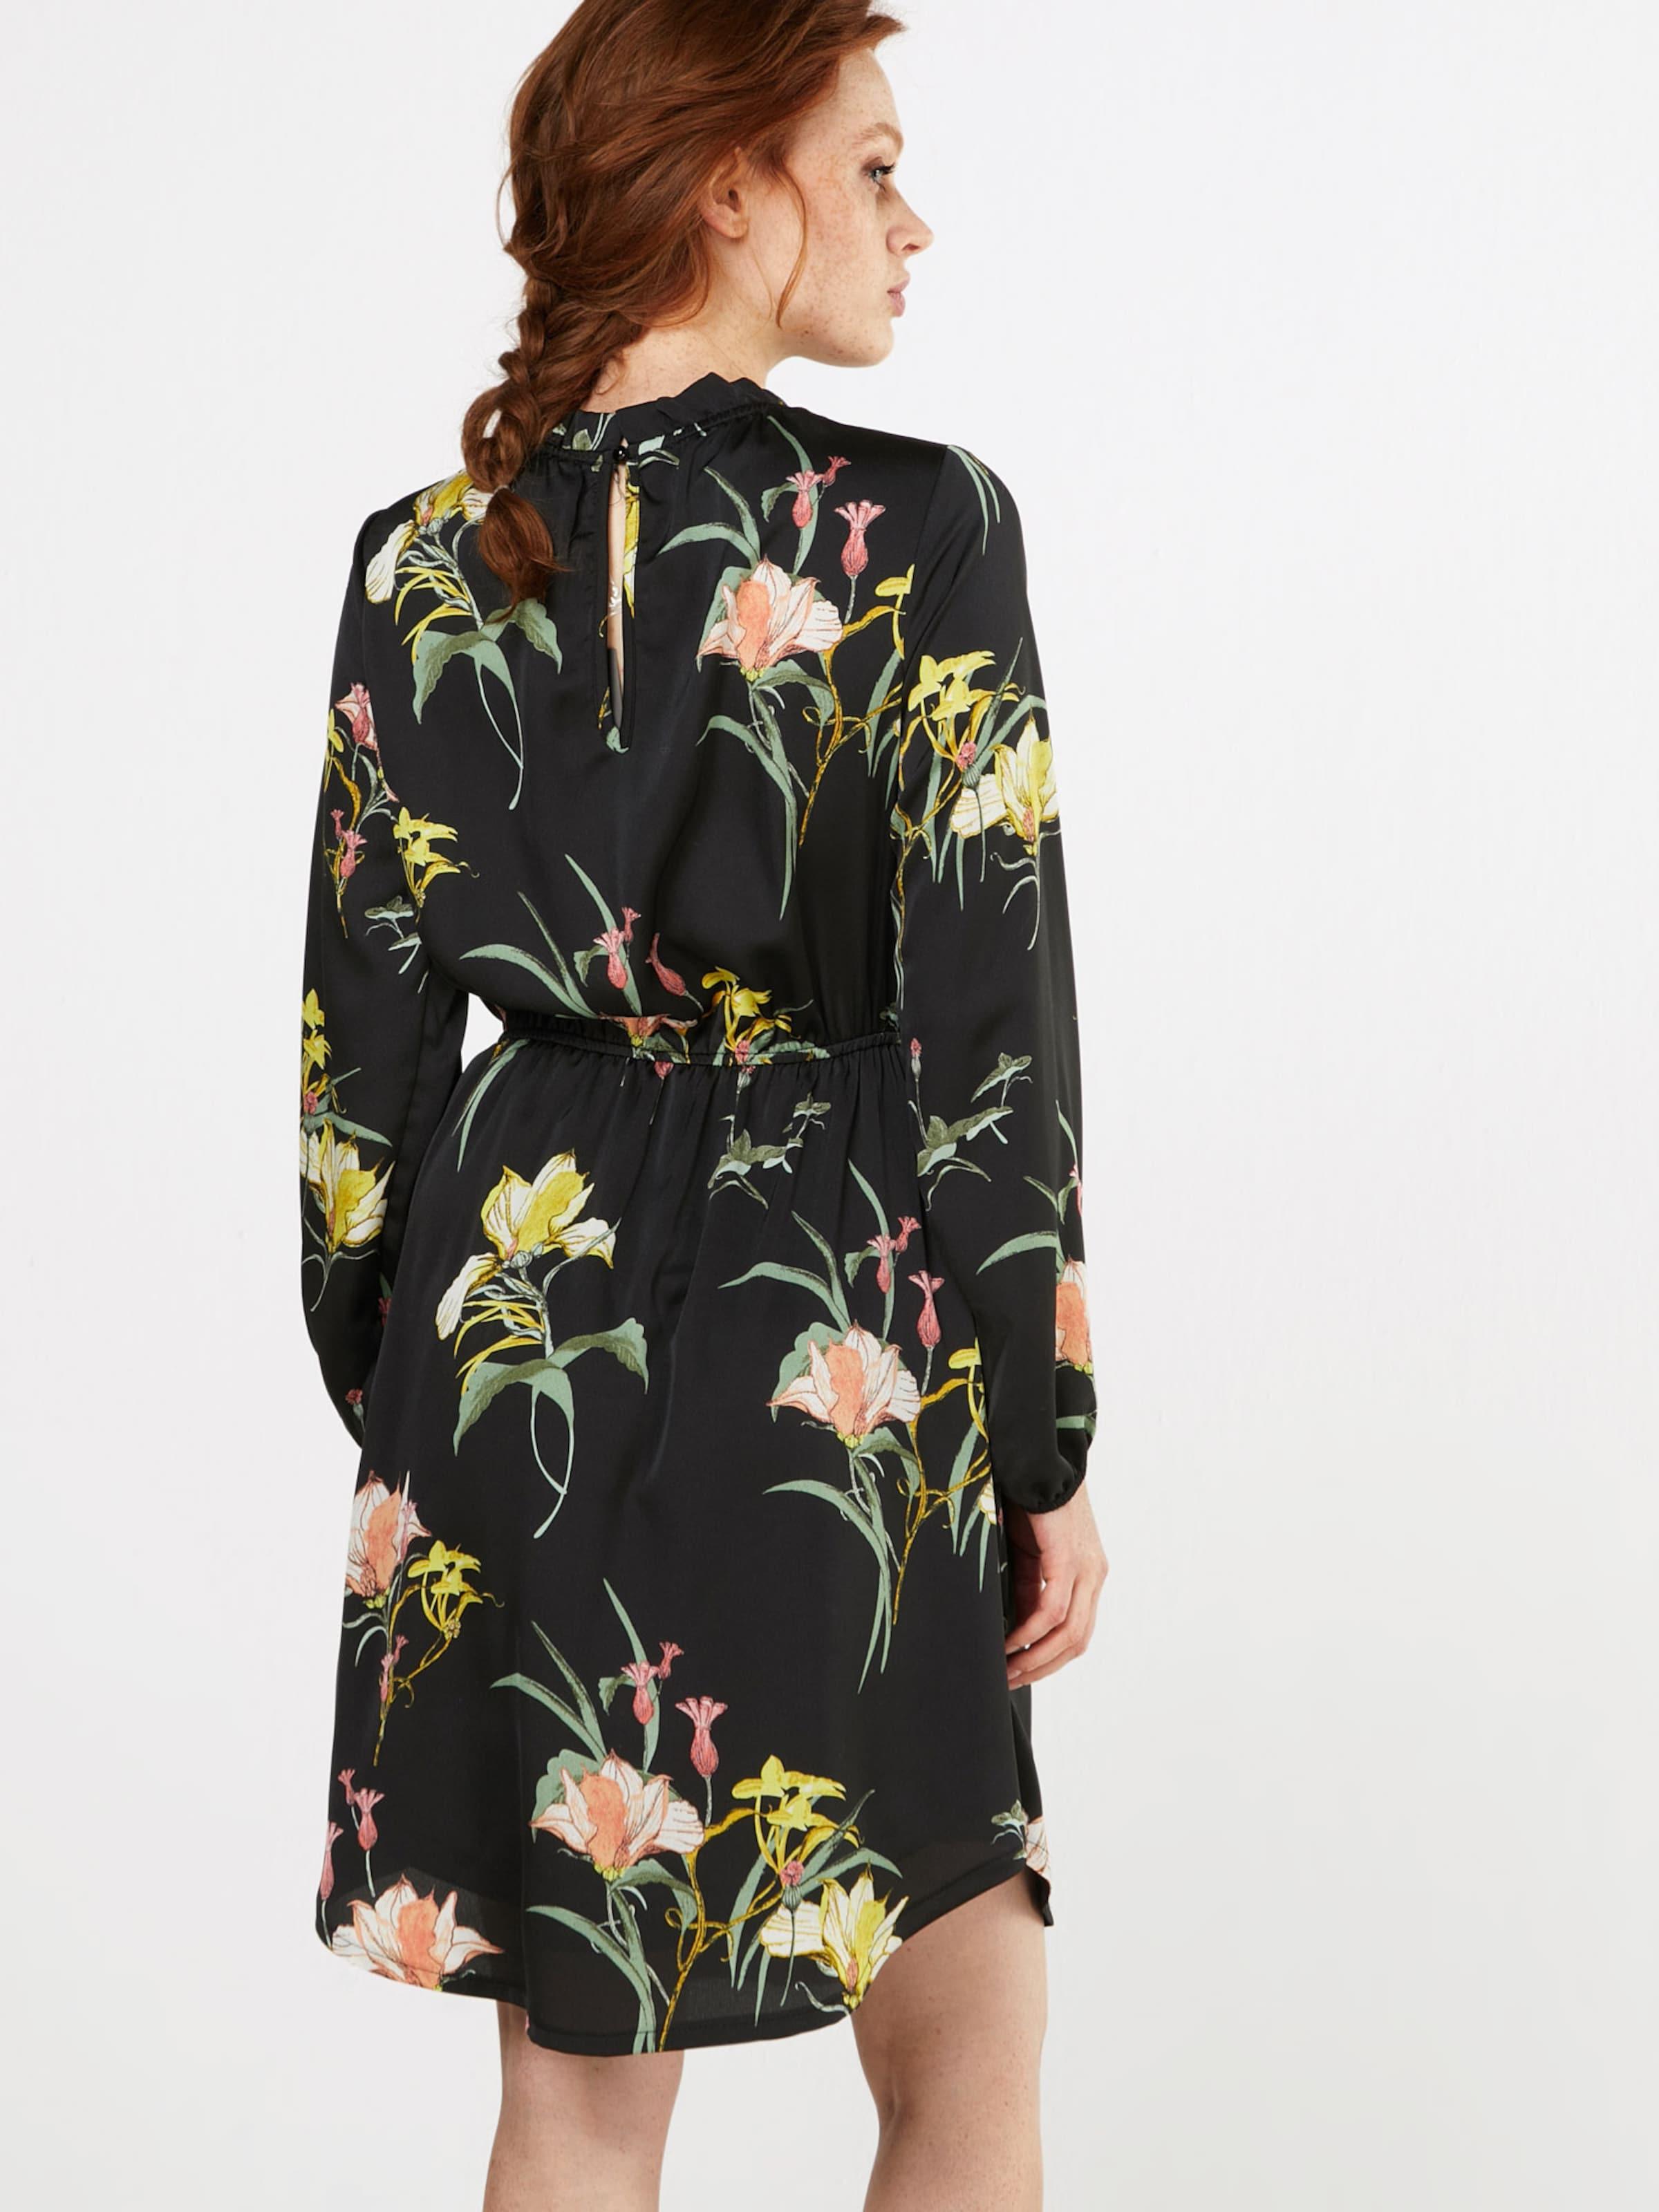 Aus Deutschland Online-Shopping Günstigen Preis SISTERS POINT Kleid 'GALOJ' Geschäft Zum Verkauf Authentisch 4bwdP